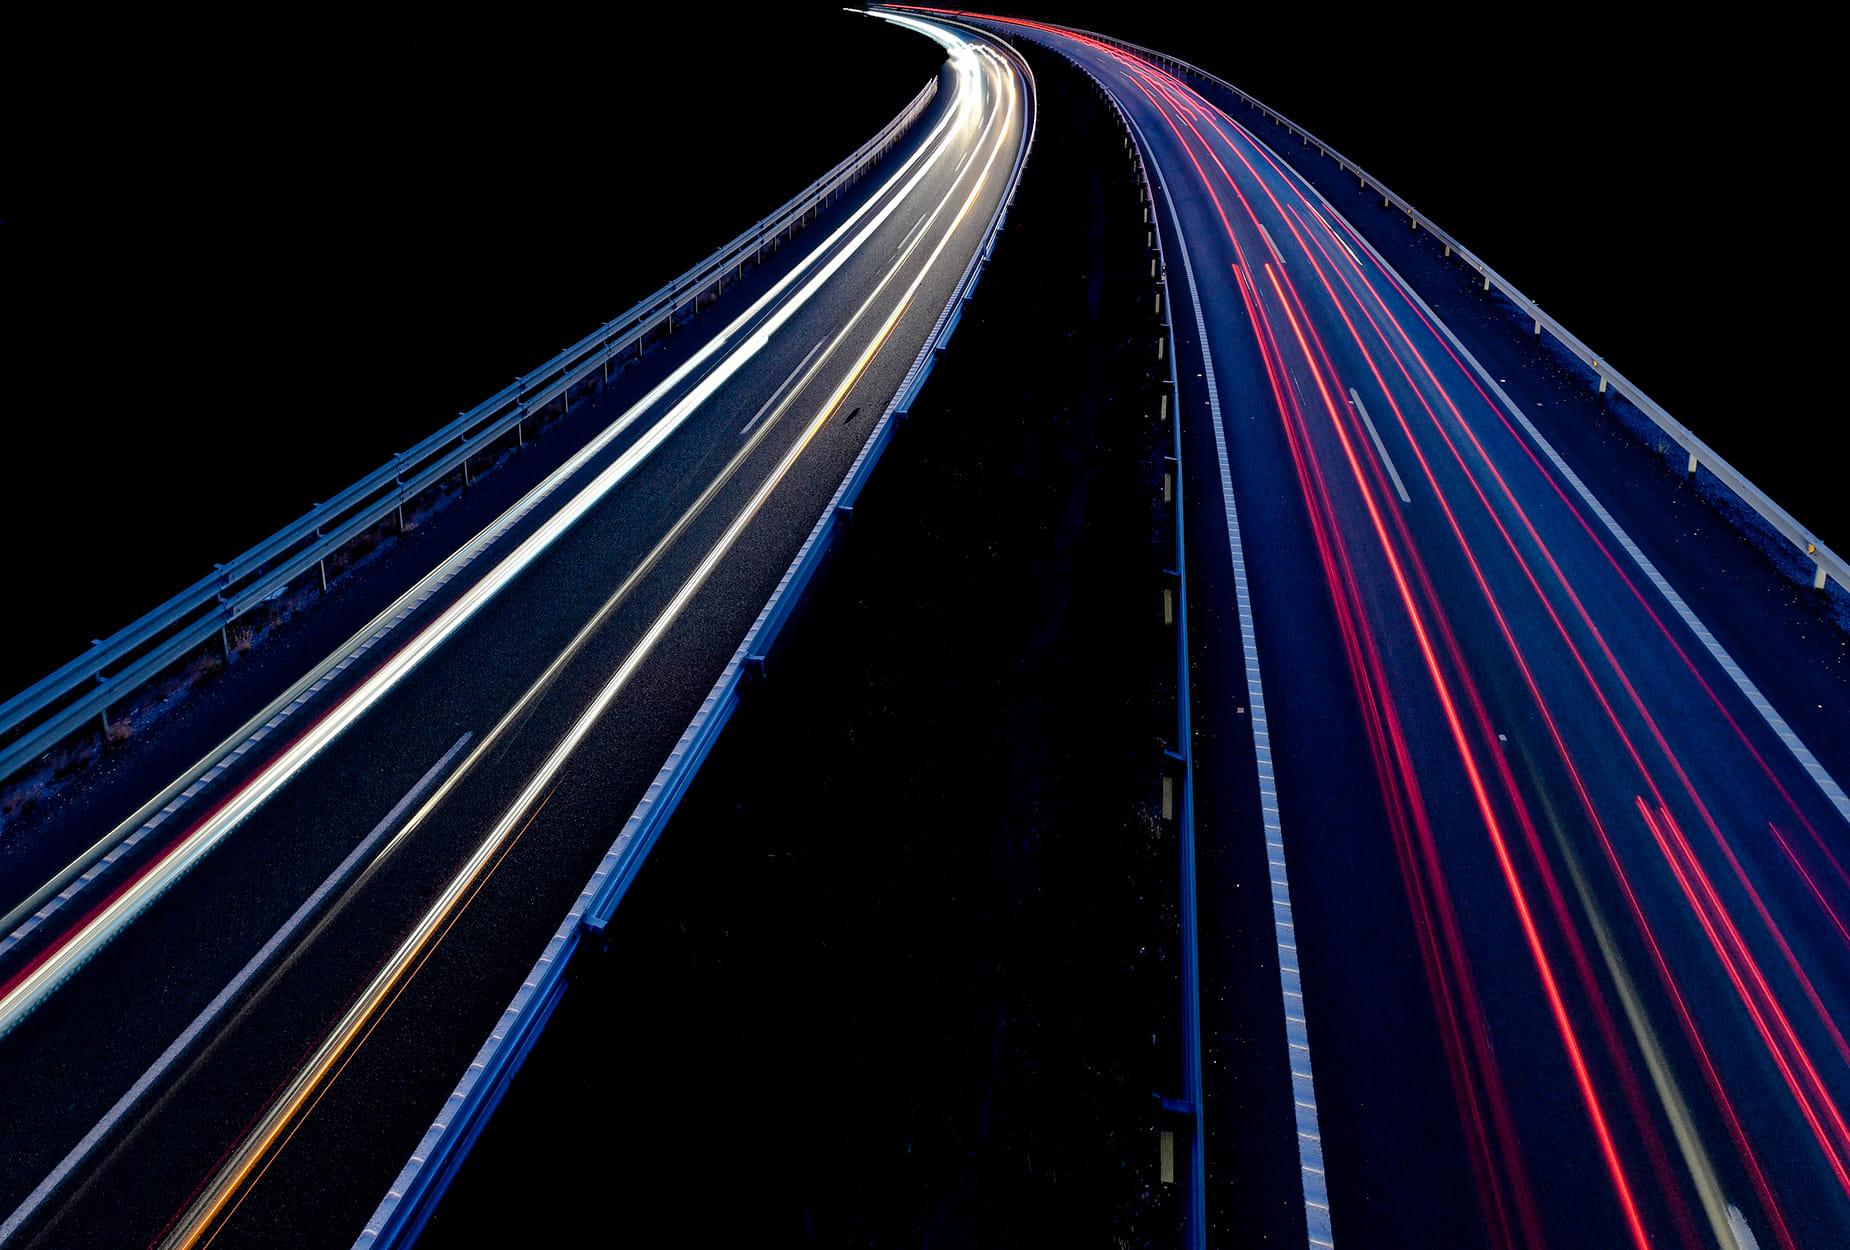 Luces de carretera fugándose